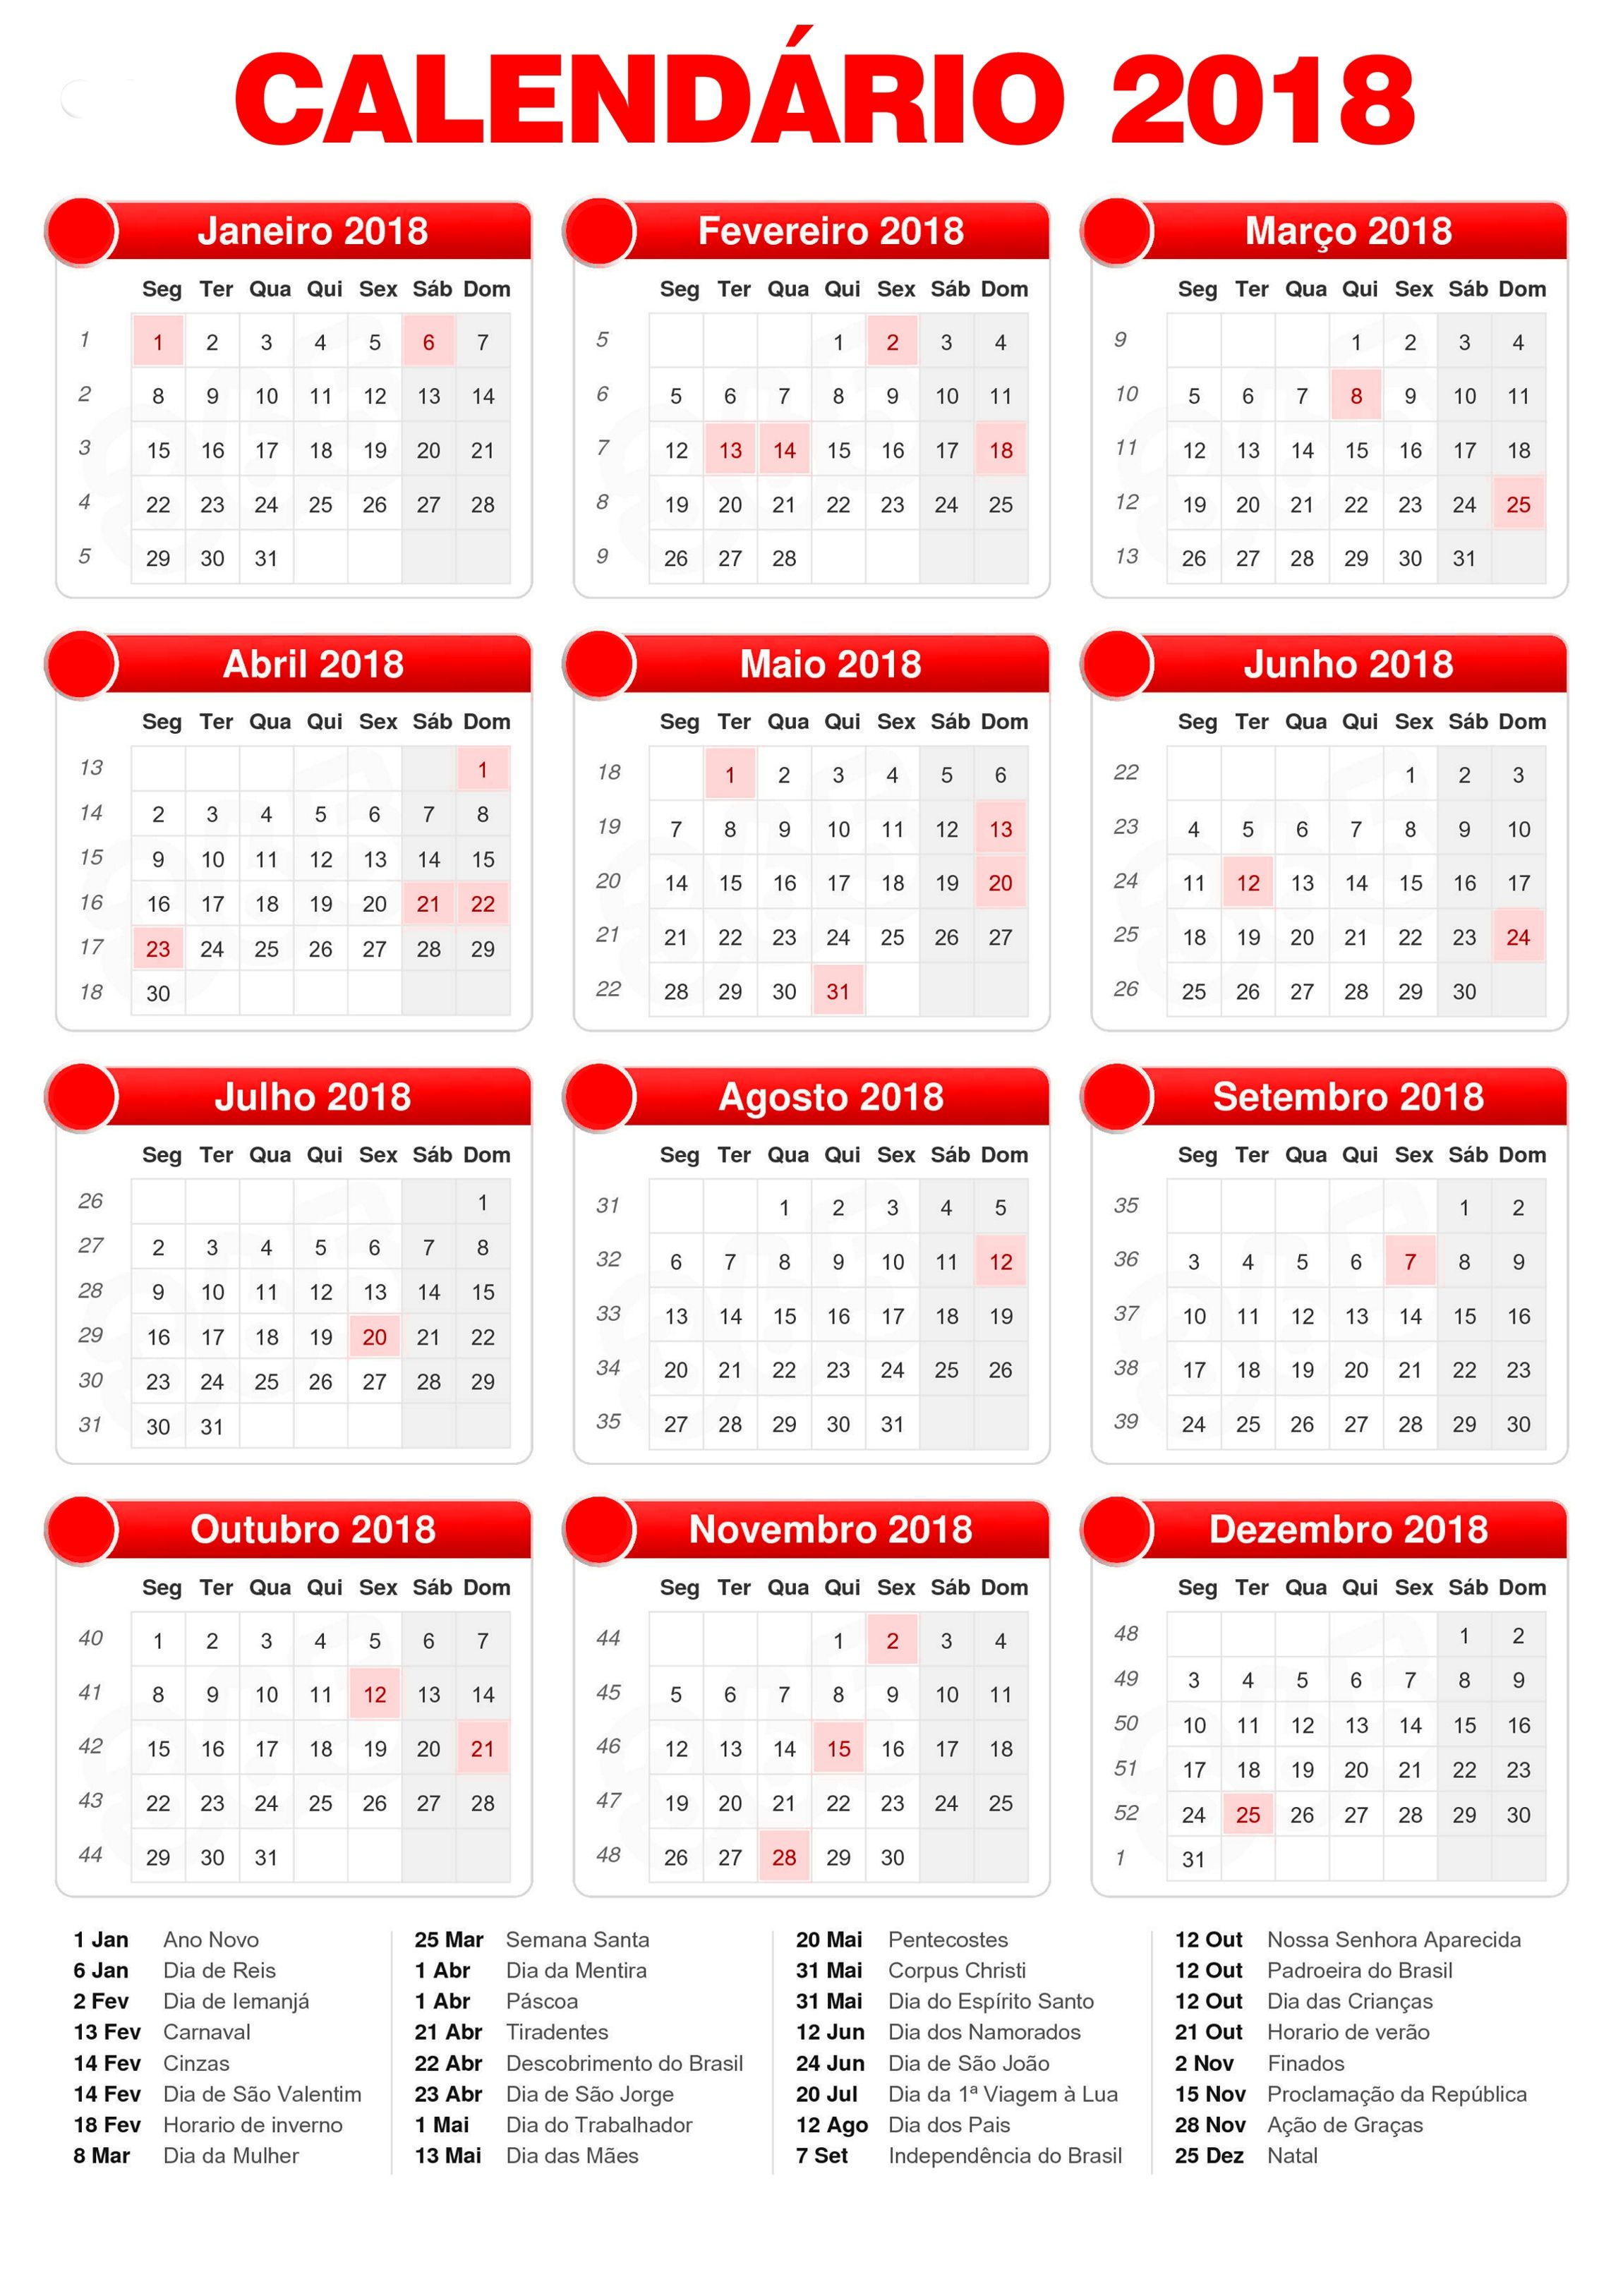 calendario-2018-com-feriados-2018